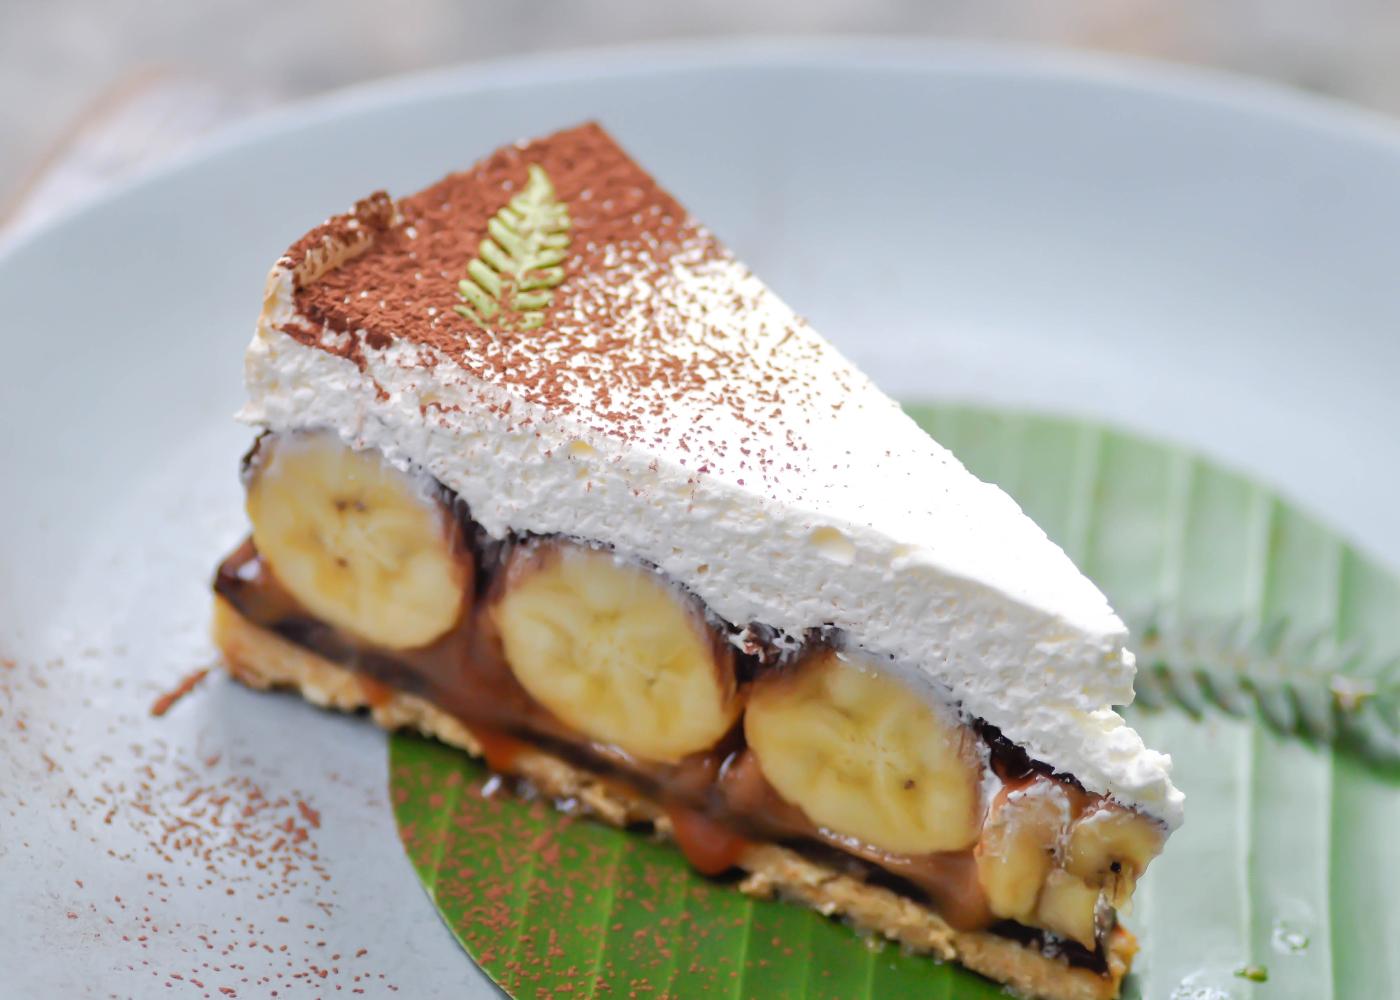 fatia de bolo de banana e manteiga de amendoim com chocolate